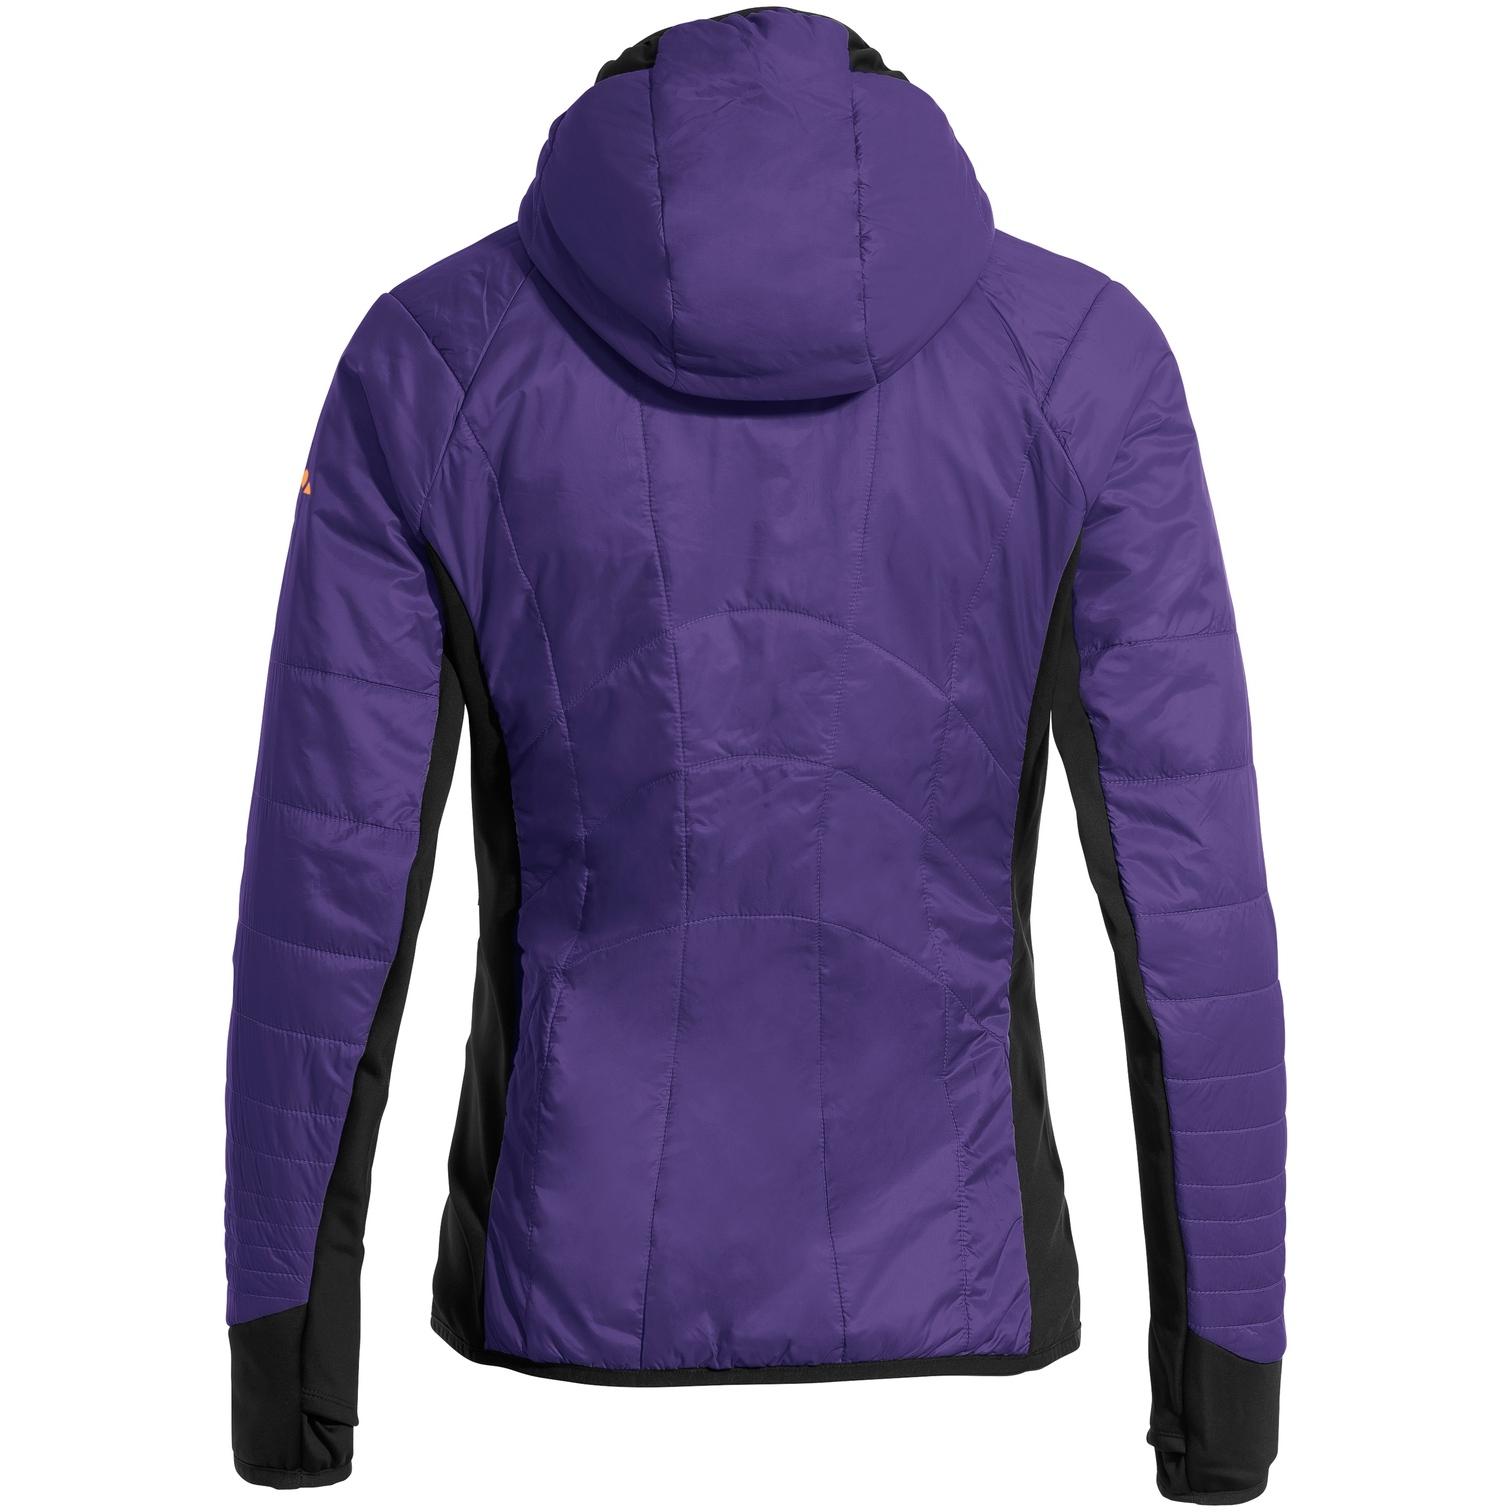 Image of Vaude Women's Sesvenna Jacket III - dark purple